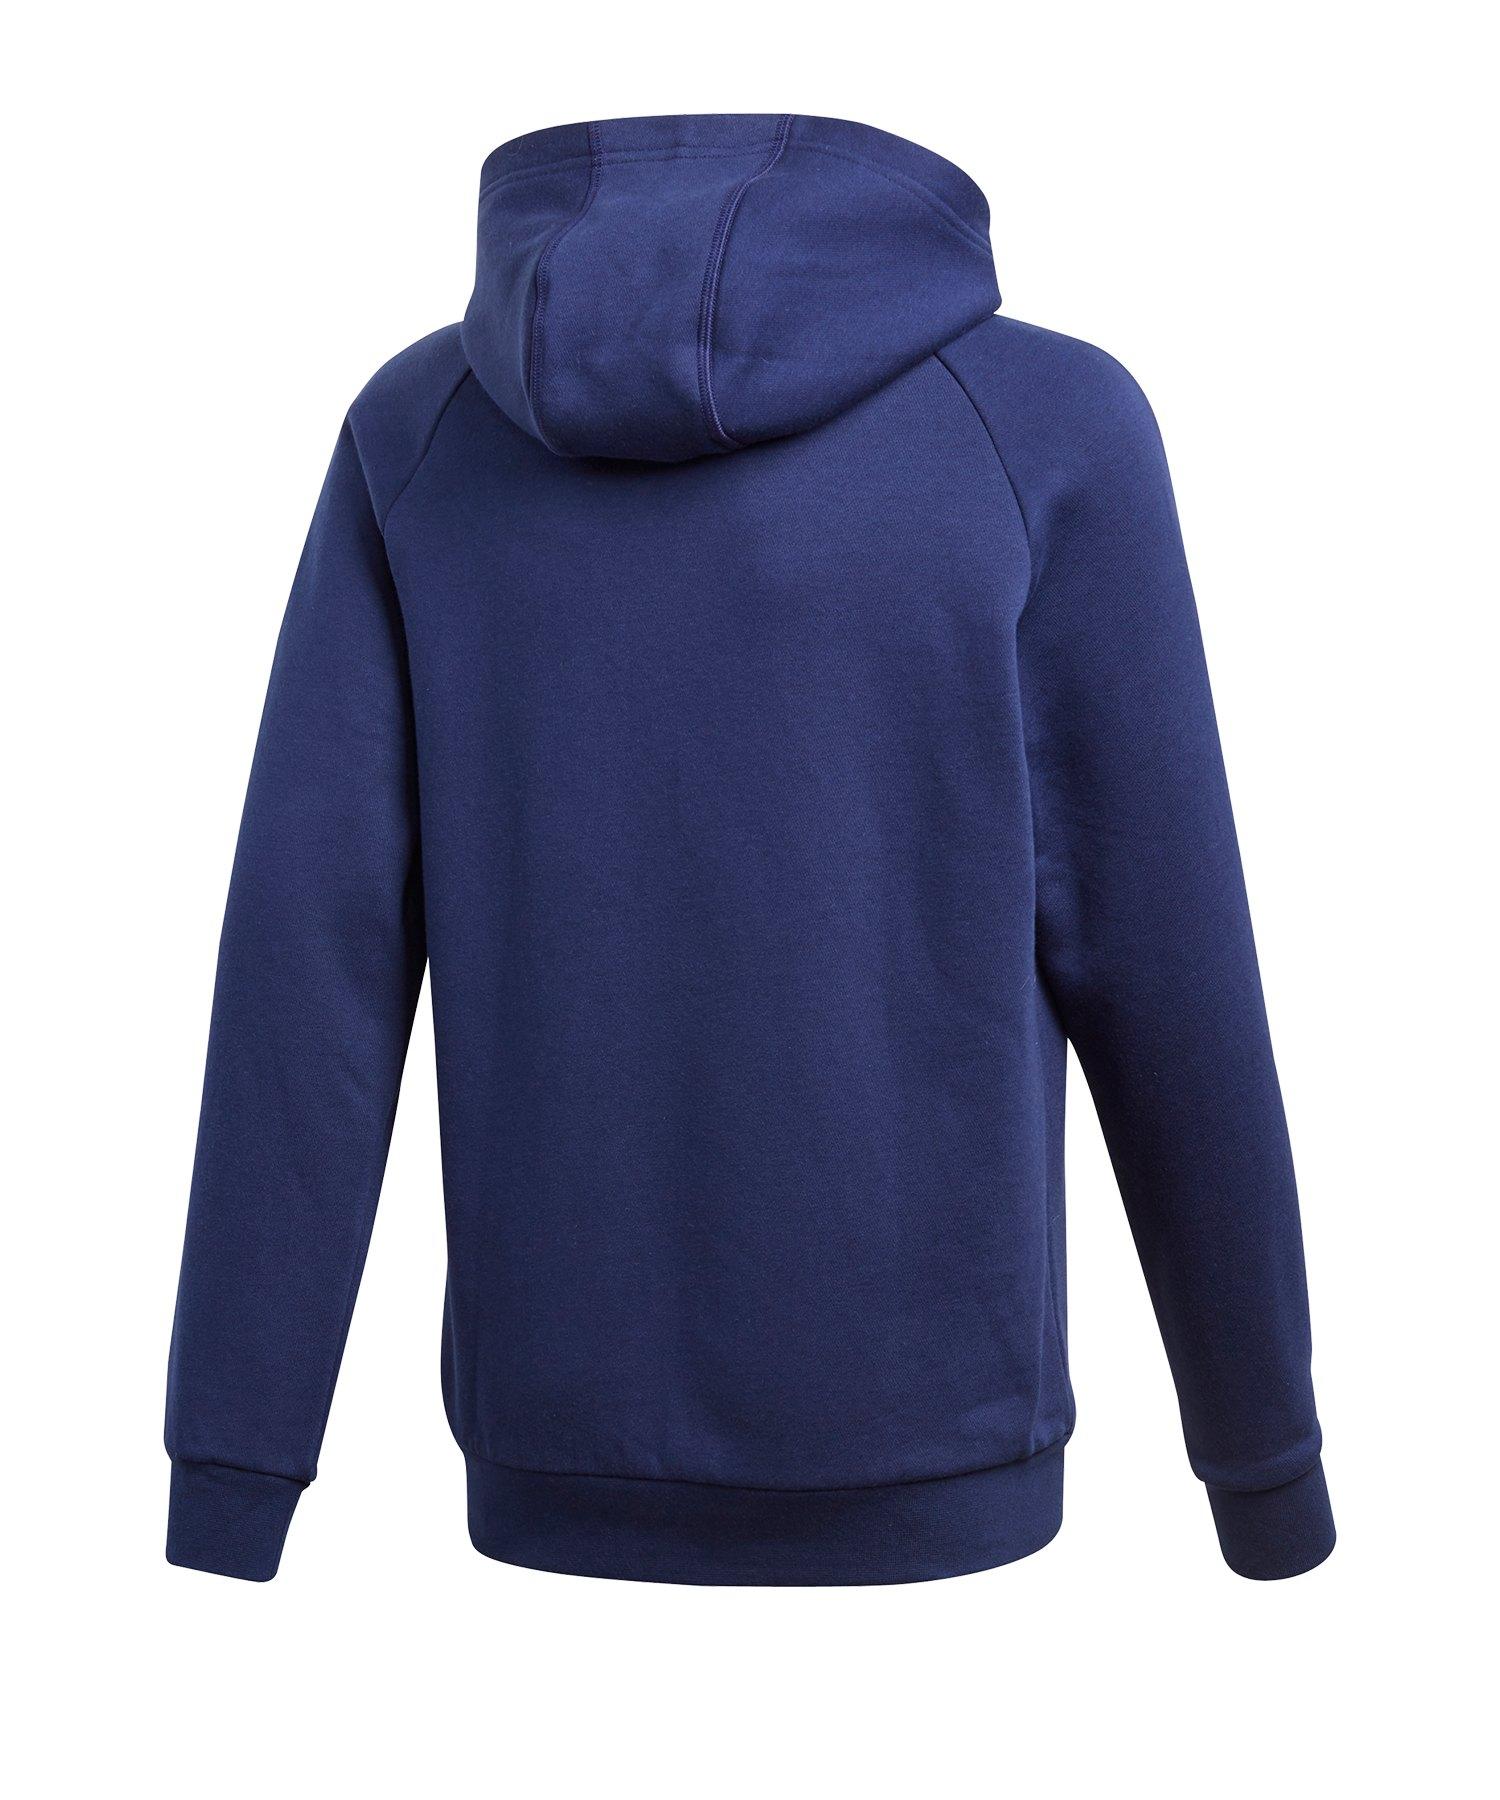 adidas Core 18 Hoody Kapuzensweatshirt Kids Blau